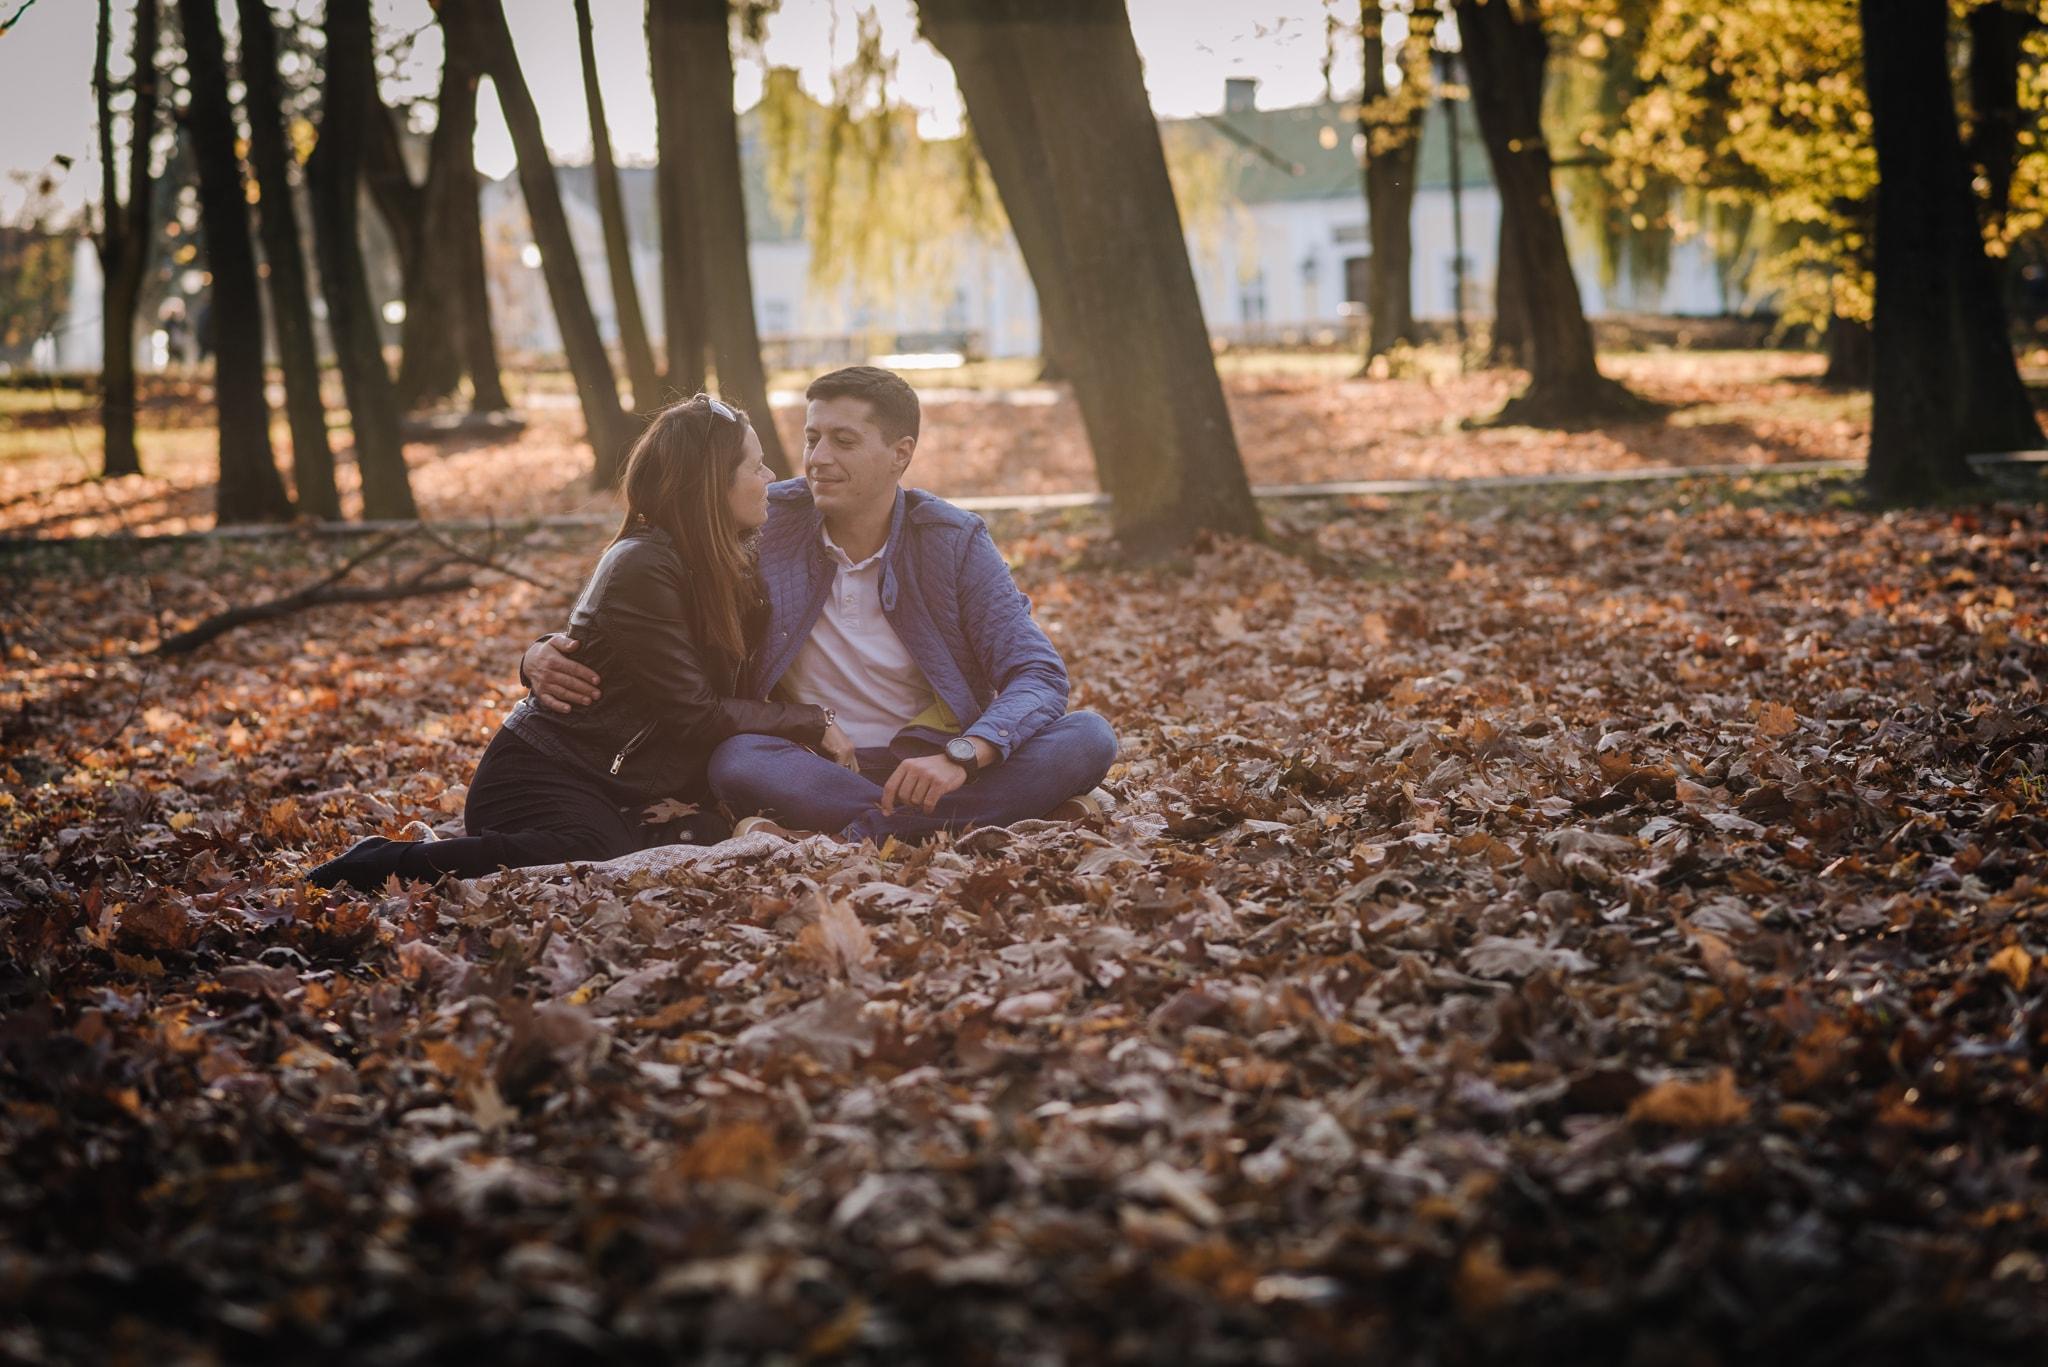 zakochana para w parku na kocyku